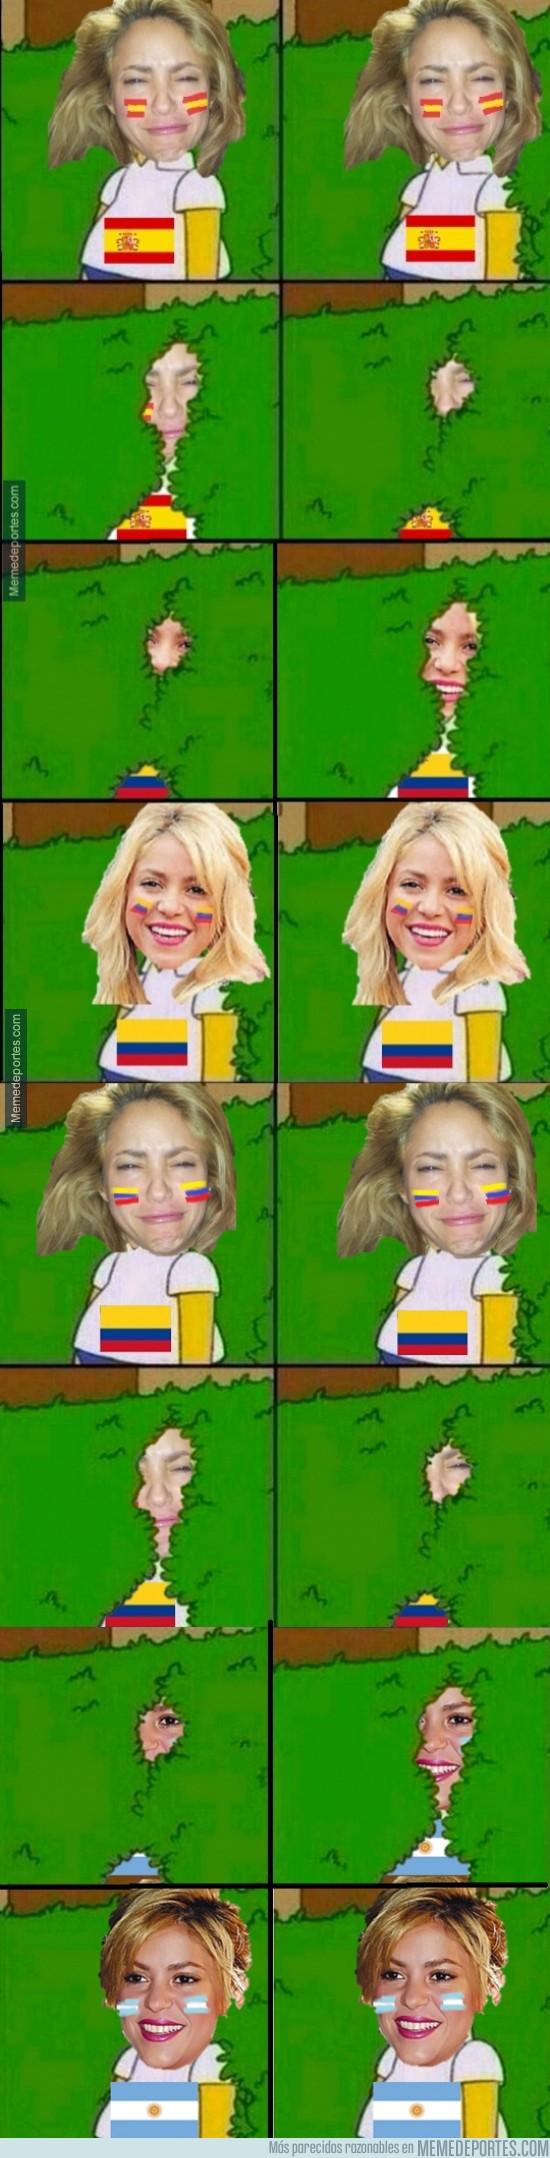 354519 - Shakira y sus constantes cambios de opinión